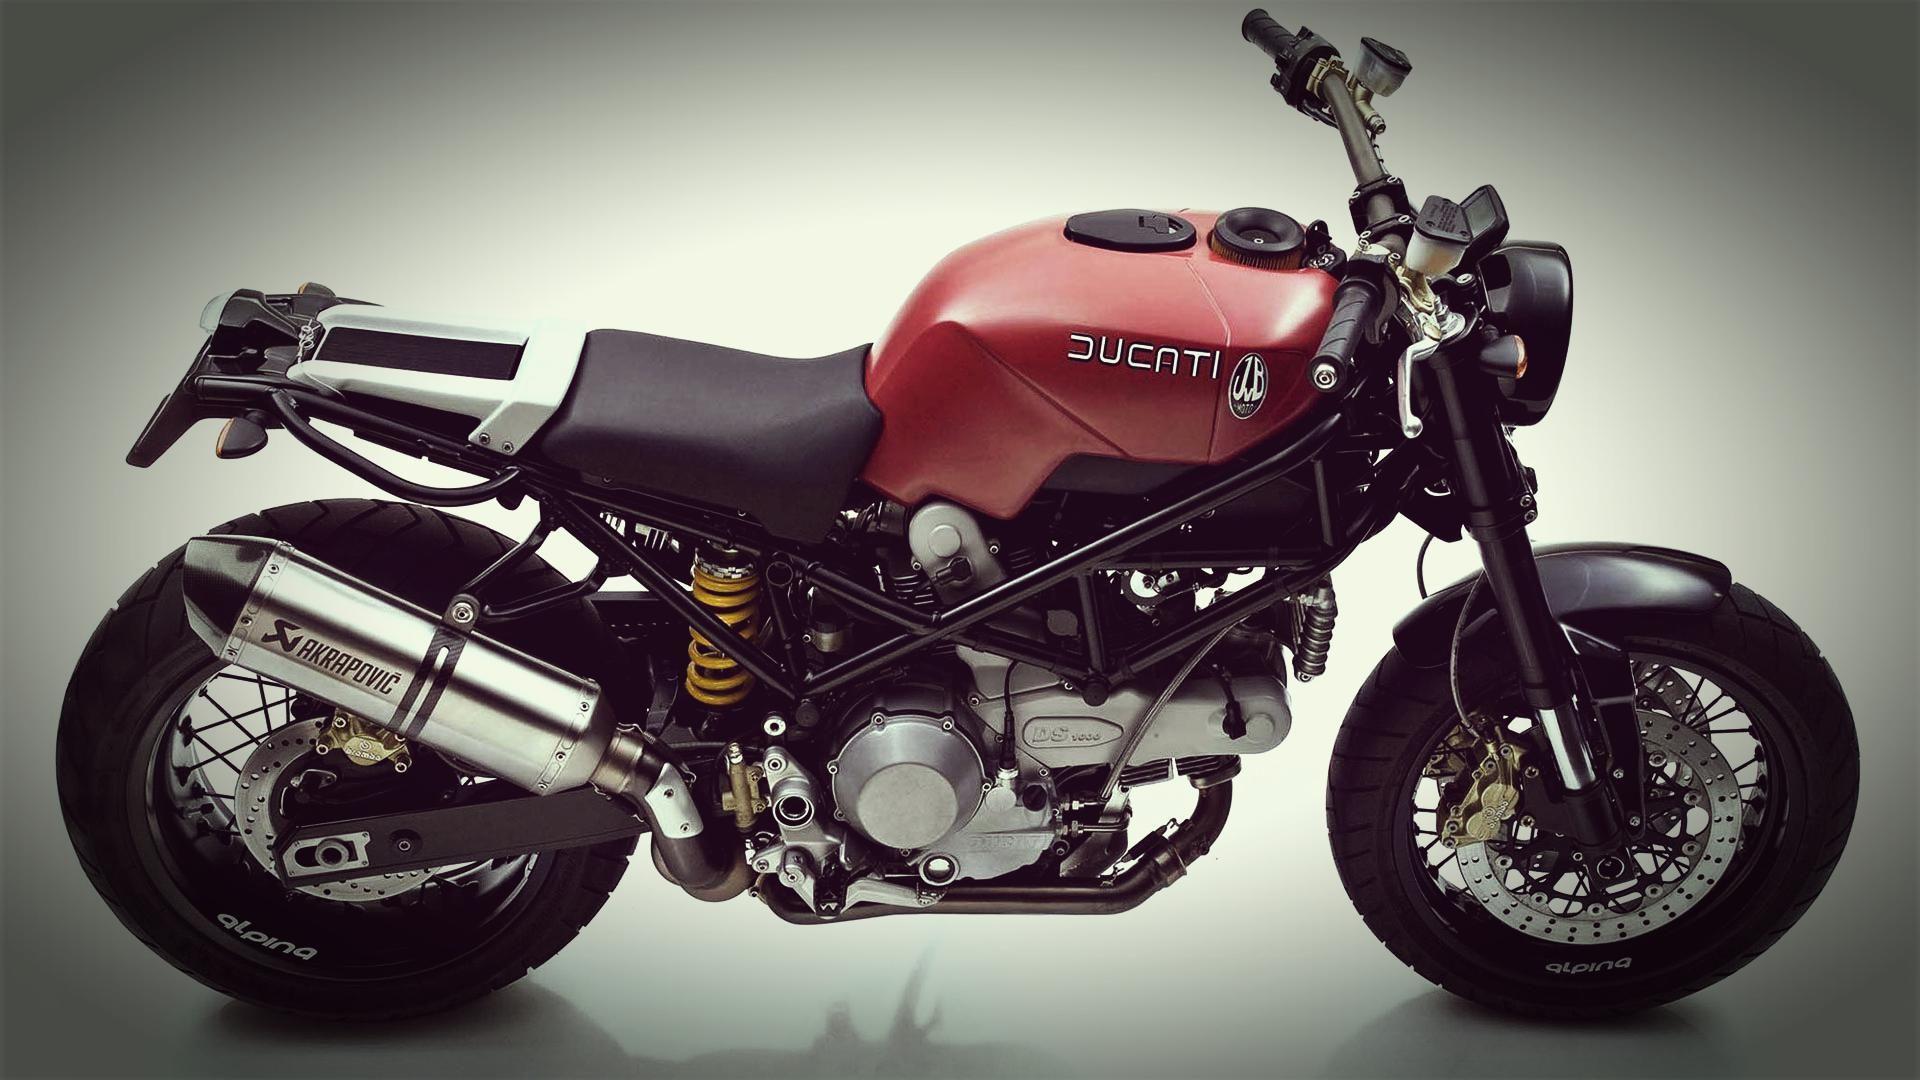 2014 Ducati Scrambler Cometh 600cc Engine Performance Luweh Com Motociclette Motocicli Personalizzati Scrambler